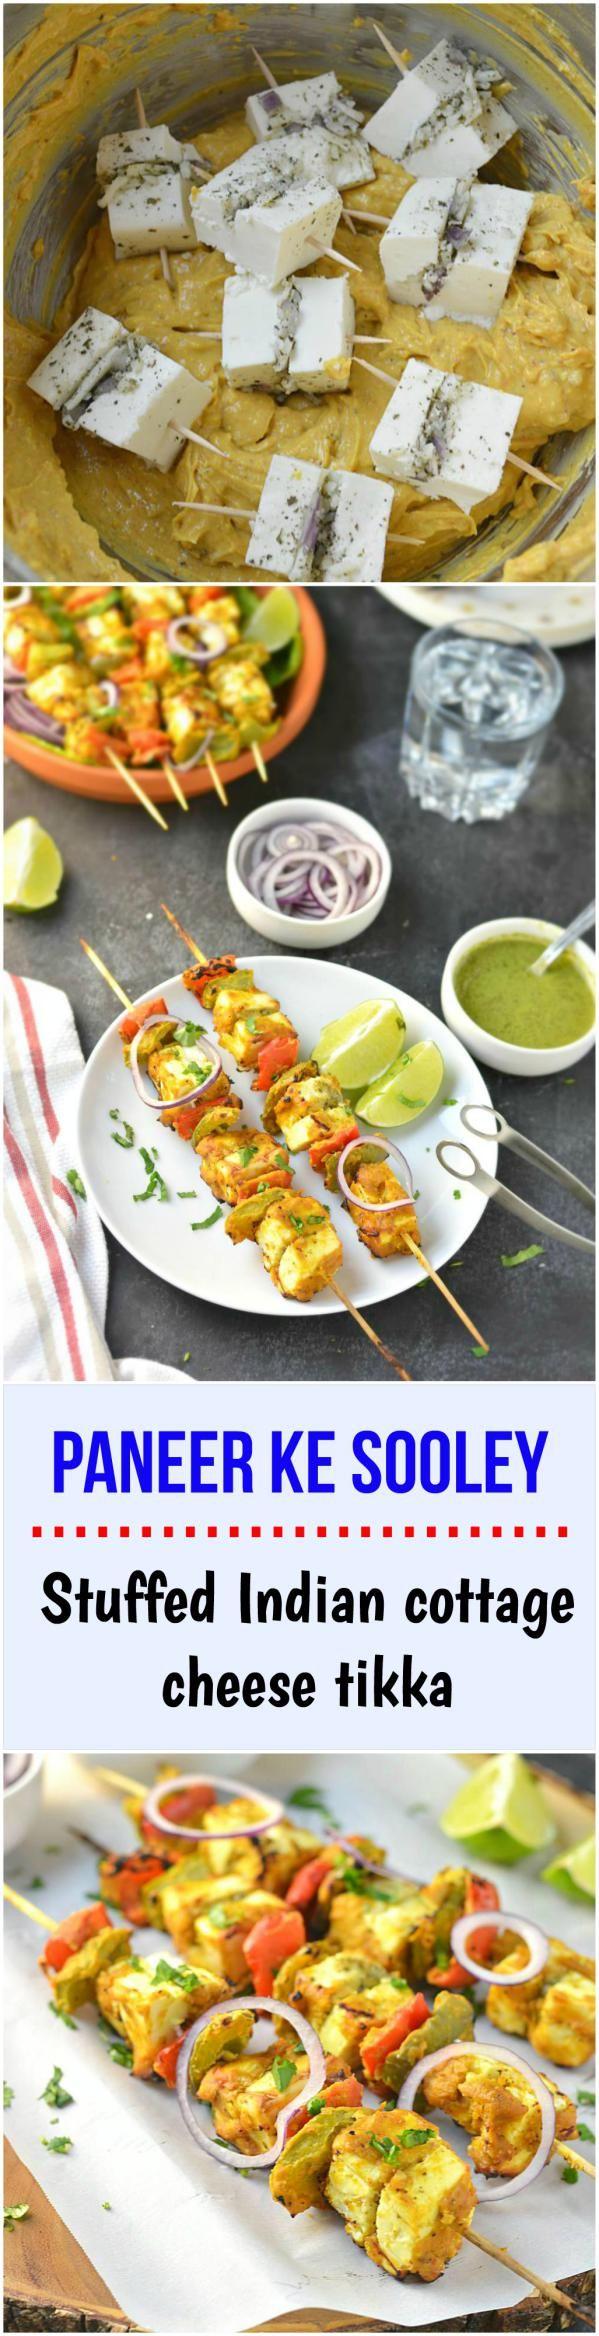 Best 25 paneer snacks ideas on pinterest paneer appetizers paneer ke sooley cubes of paneer indian cottage cheese are stuffed with cheese jain recipespaneer forumfinder Images